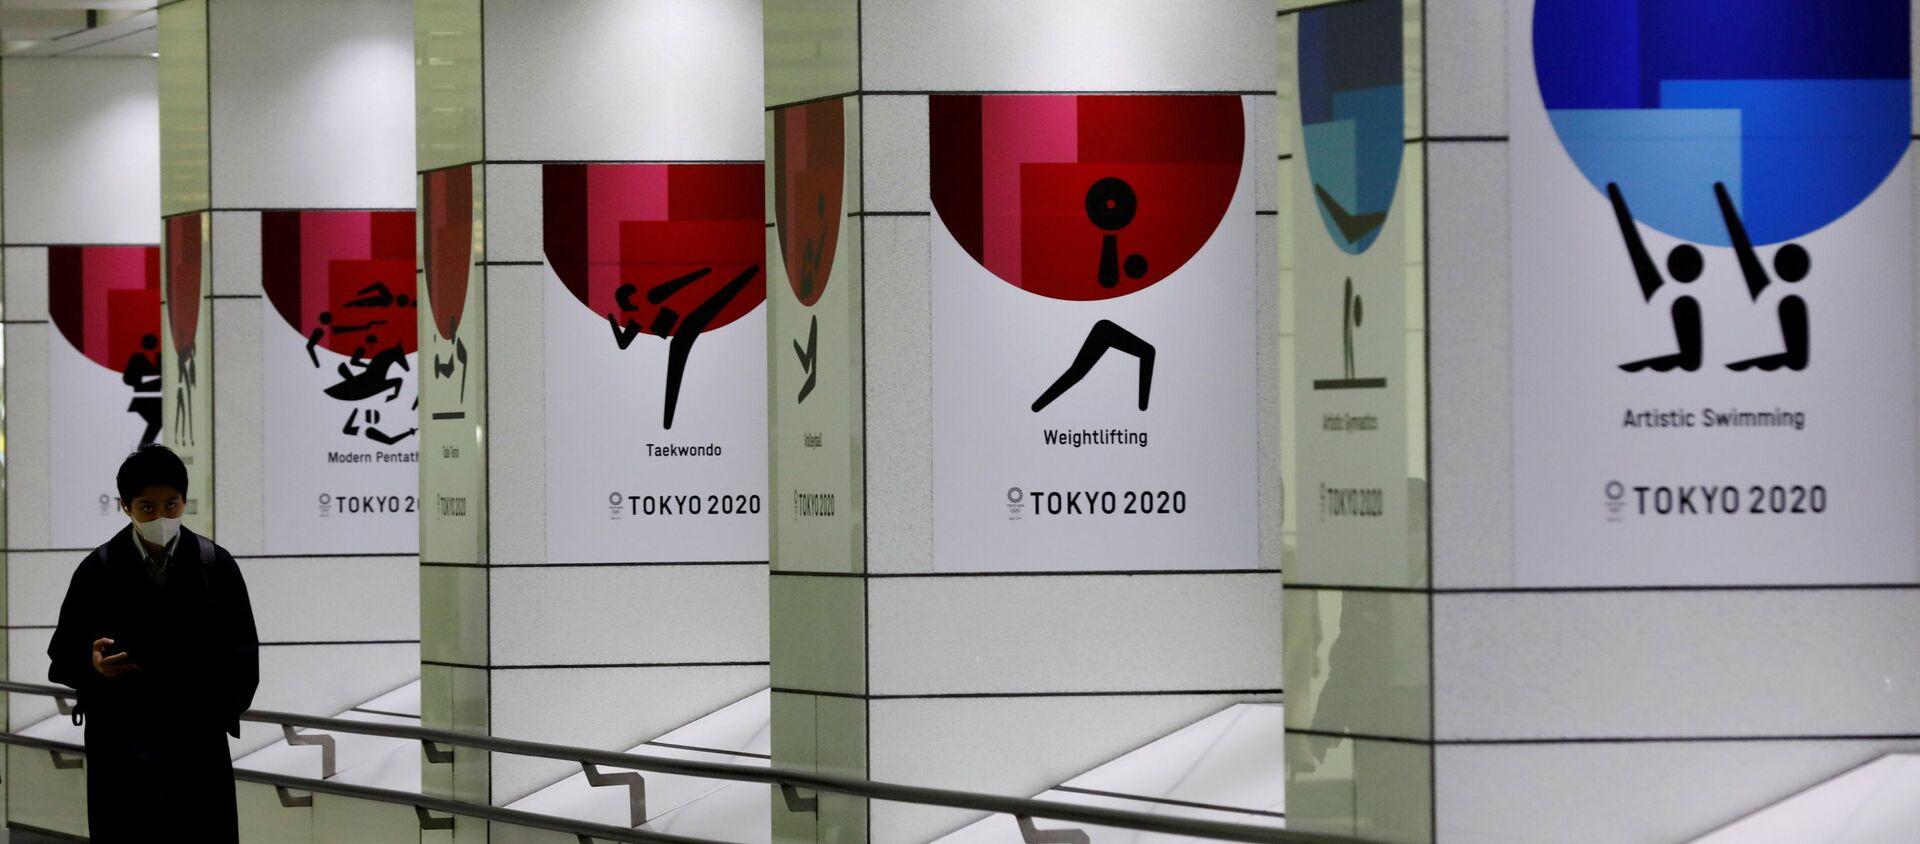 Постеры к Олимпийским играм в Токио - Sputnik Беларусь, 1920, 07.05.2021